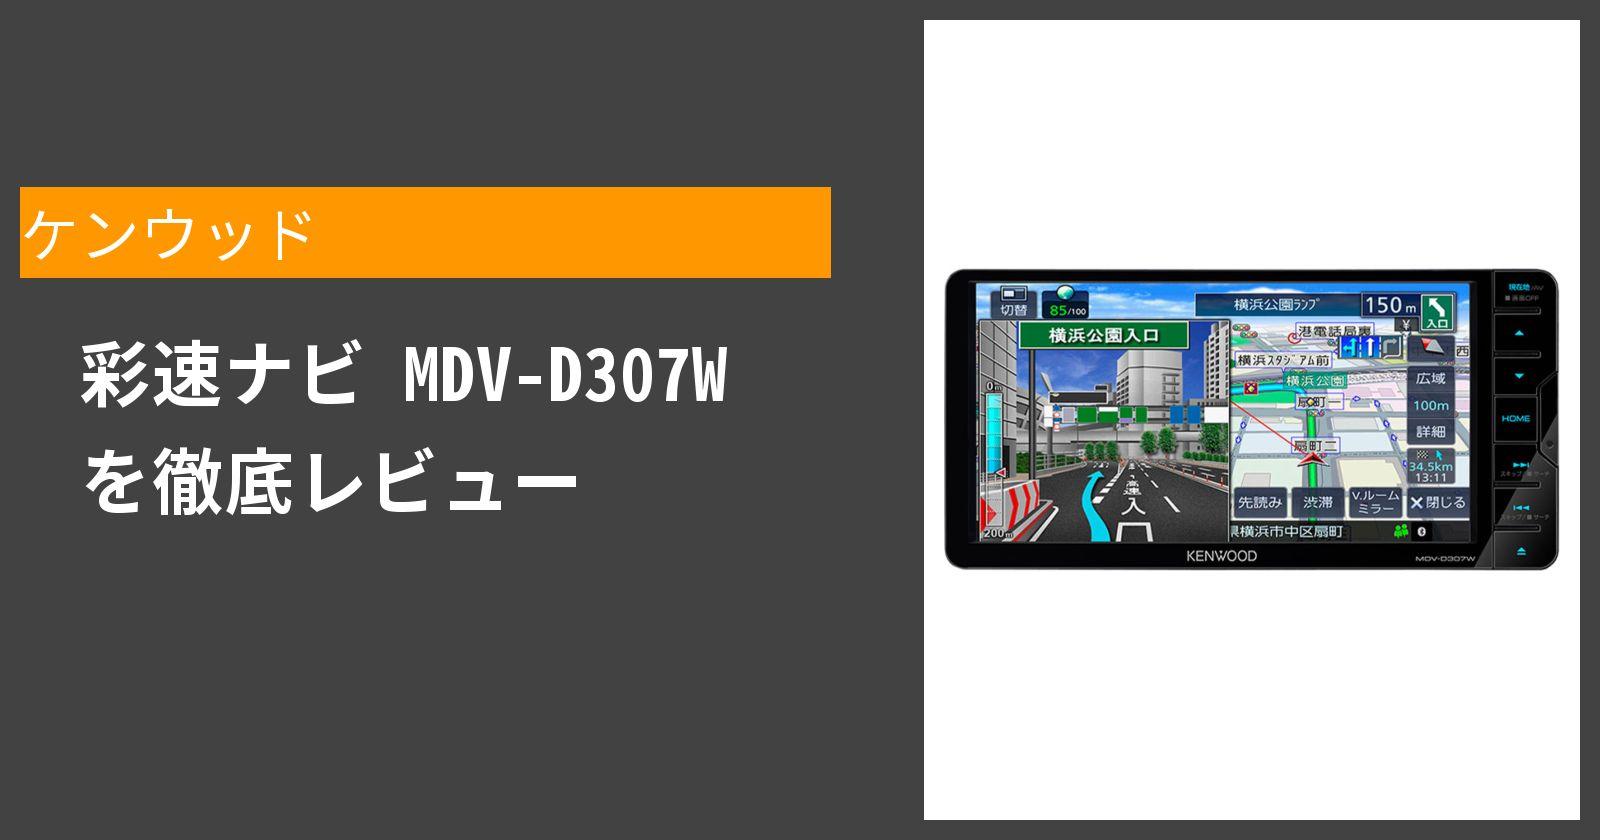 彩速ナビ MDV-D307Wを徹底評価